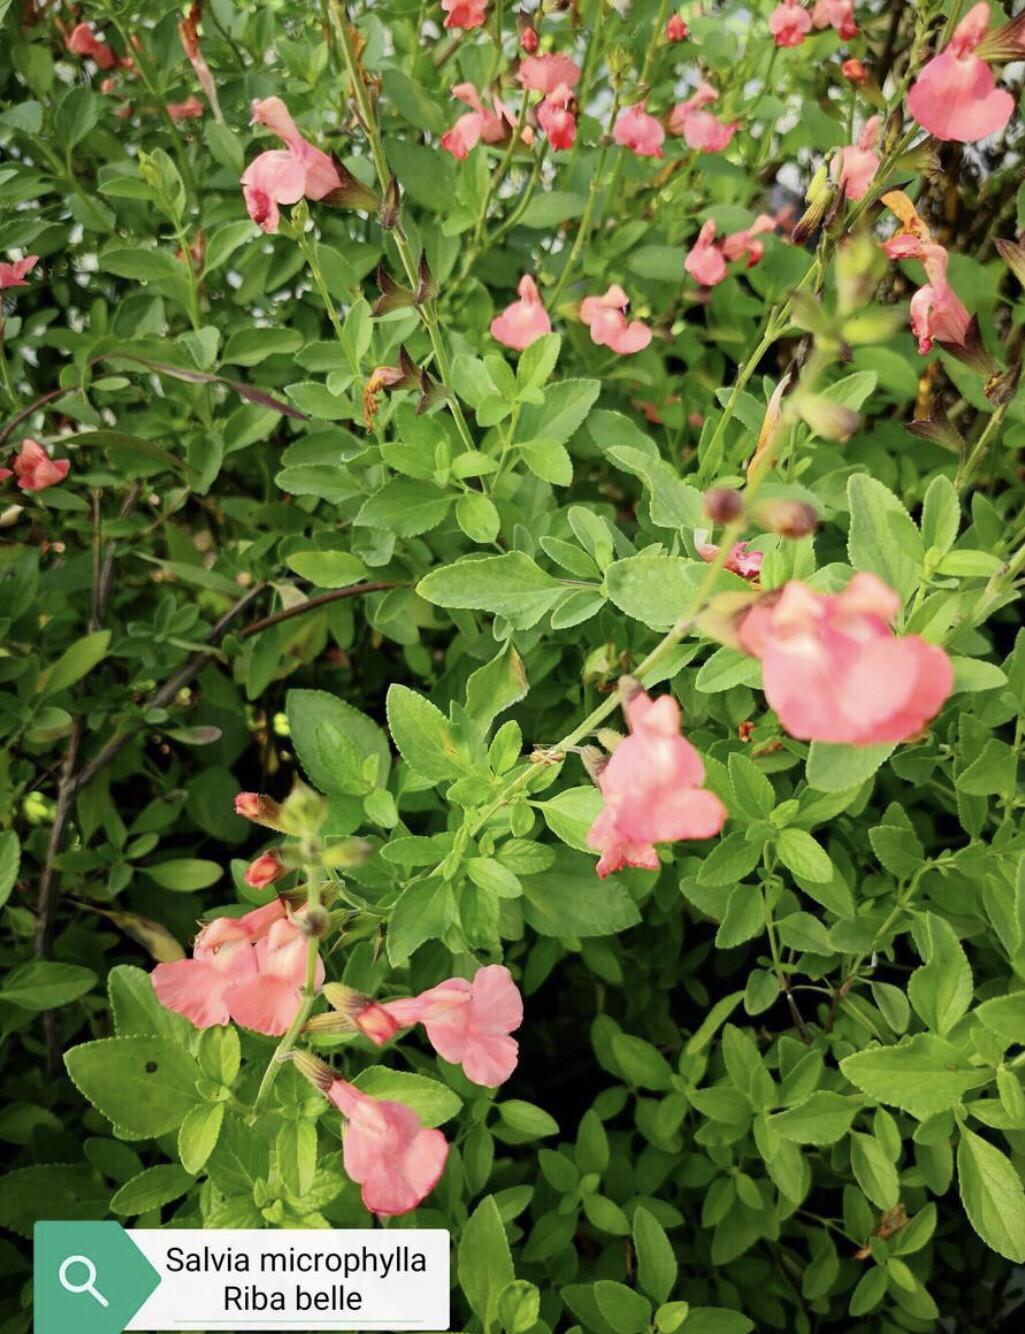 """Salvia Microphylla """" Rimbambelle"""" (14 Cm) Ordinare dal sito: https://www.illavandetodiassisi.com/catalogo-vendita-online.html"""